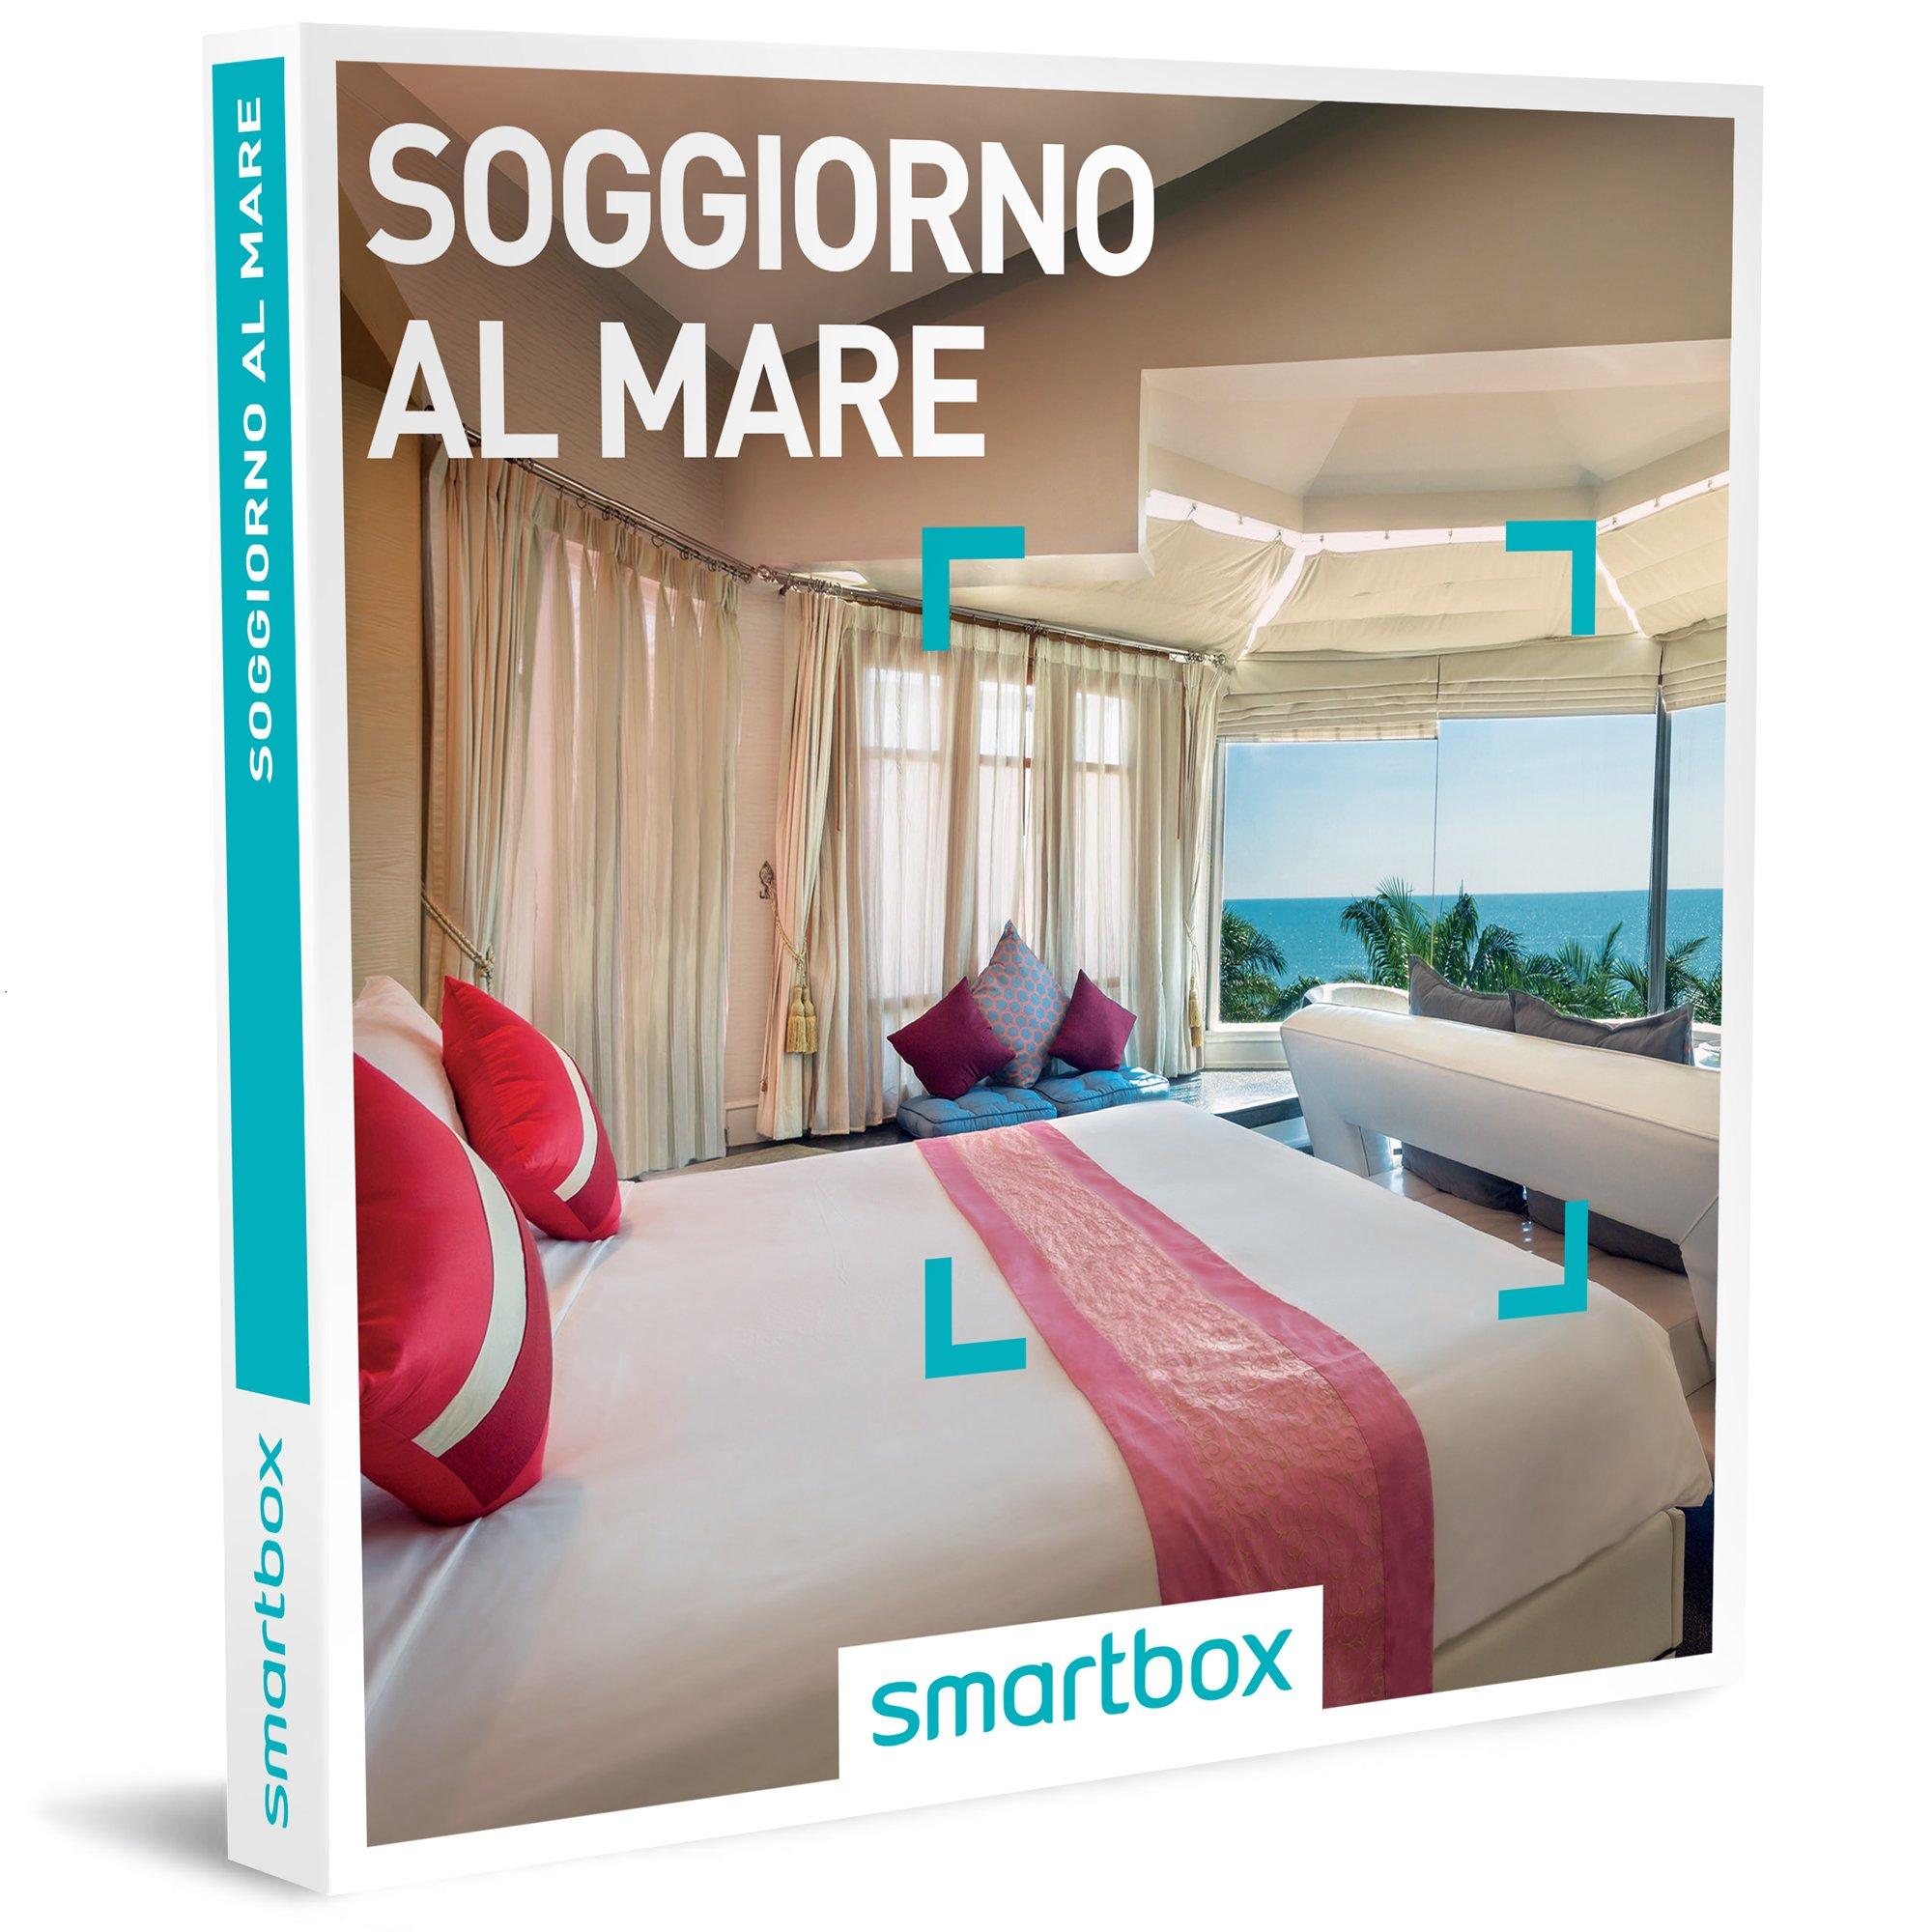 Smartbox - Soggiorno Al Mare - 155 Soggiorni Di Gusto o ...